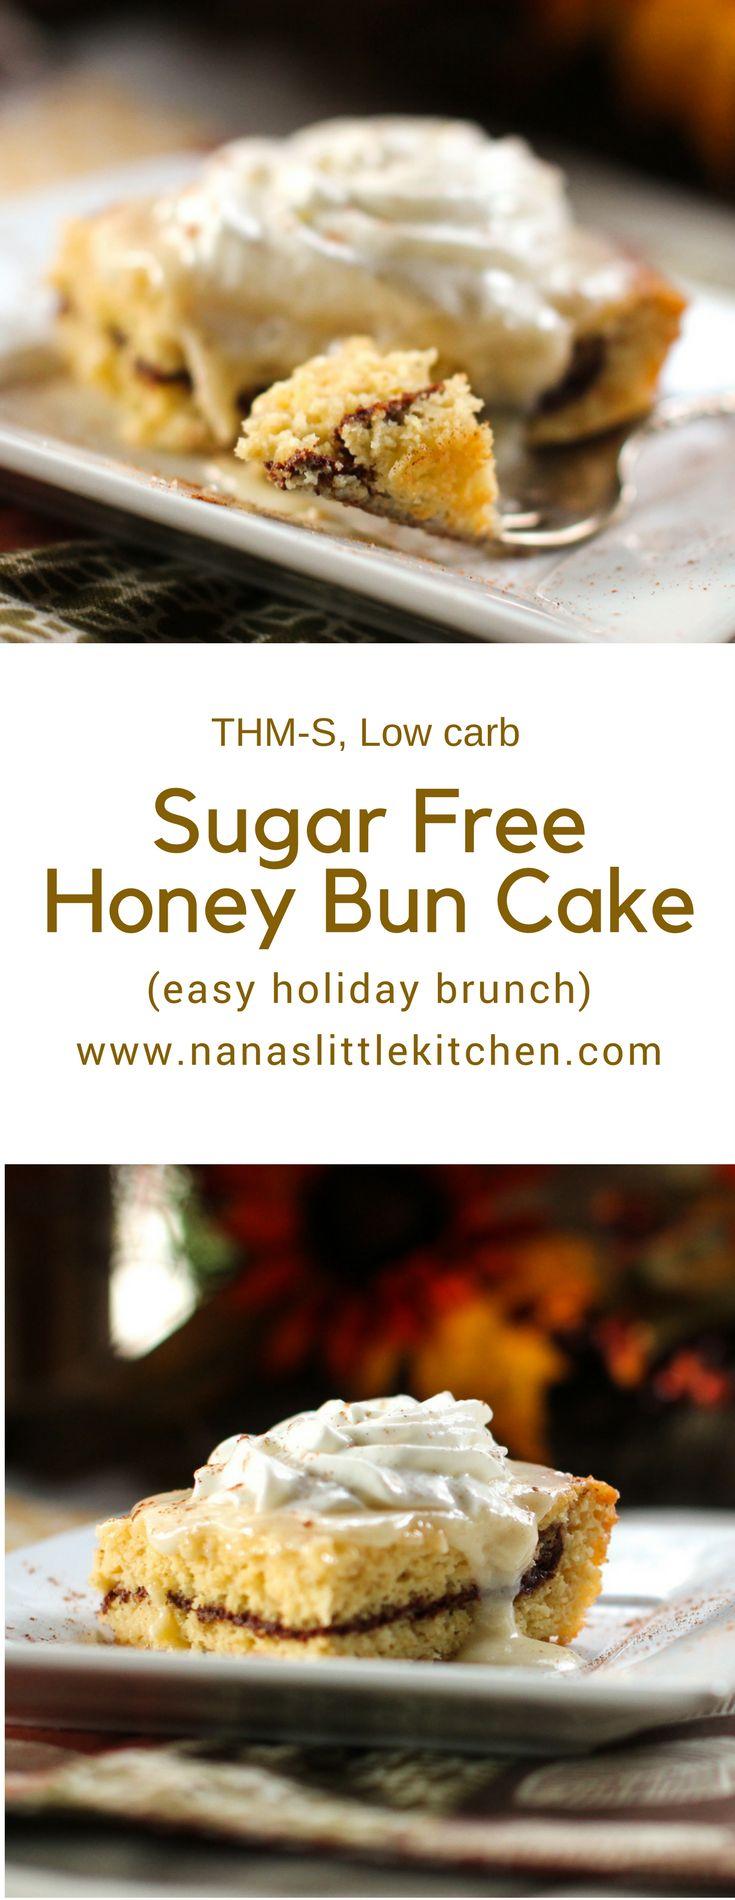 Cinnamon Bun Cake Thm